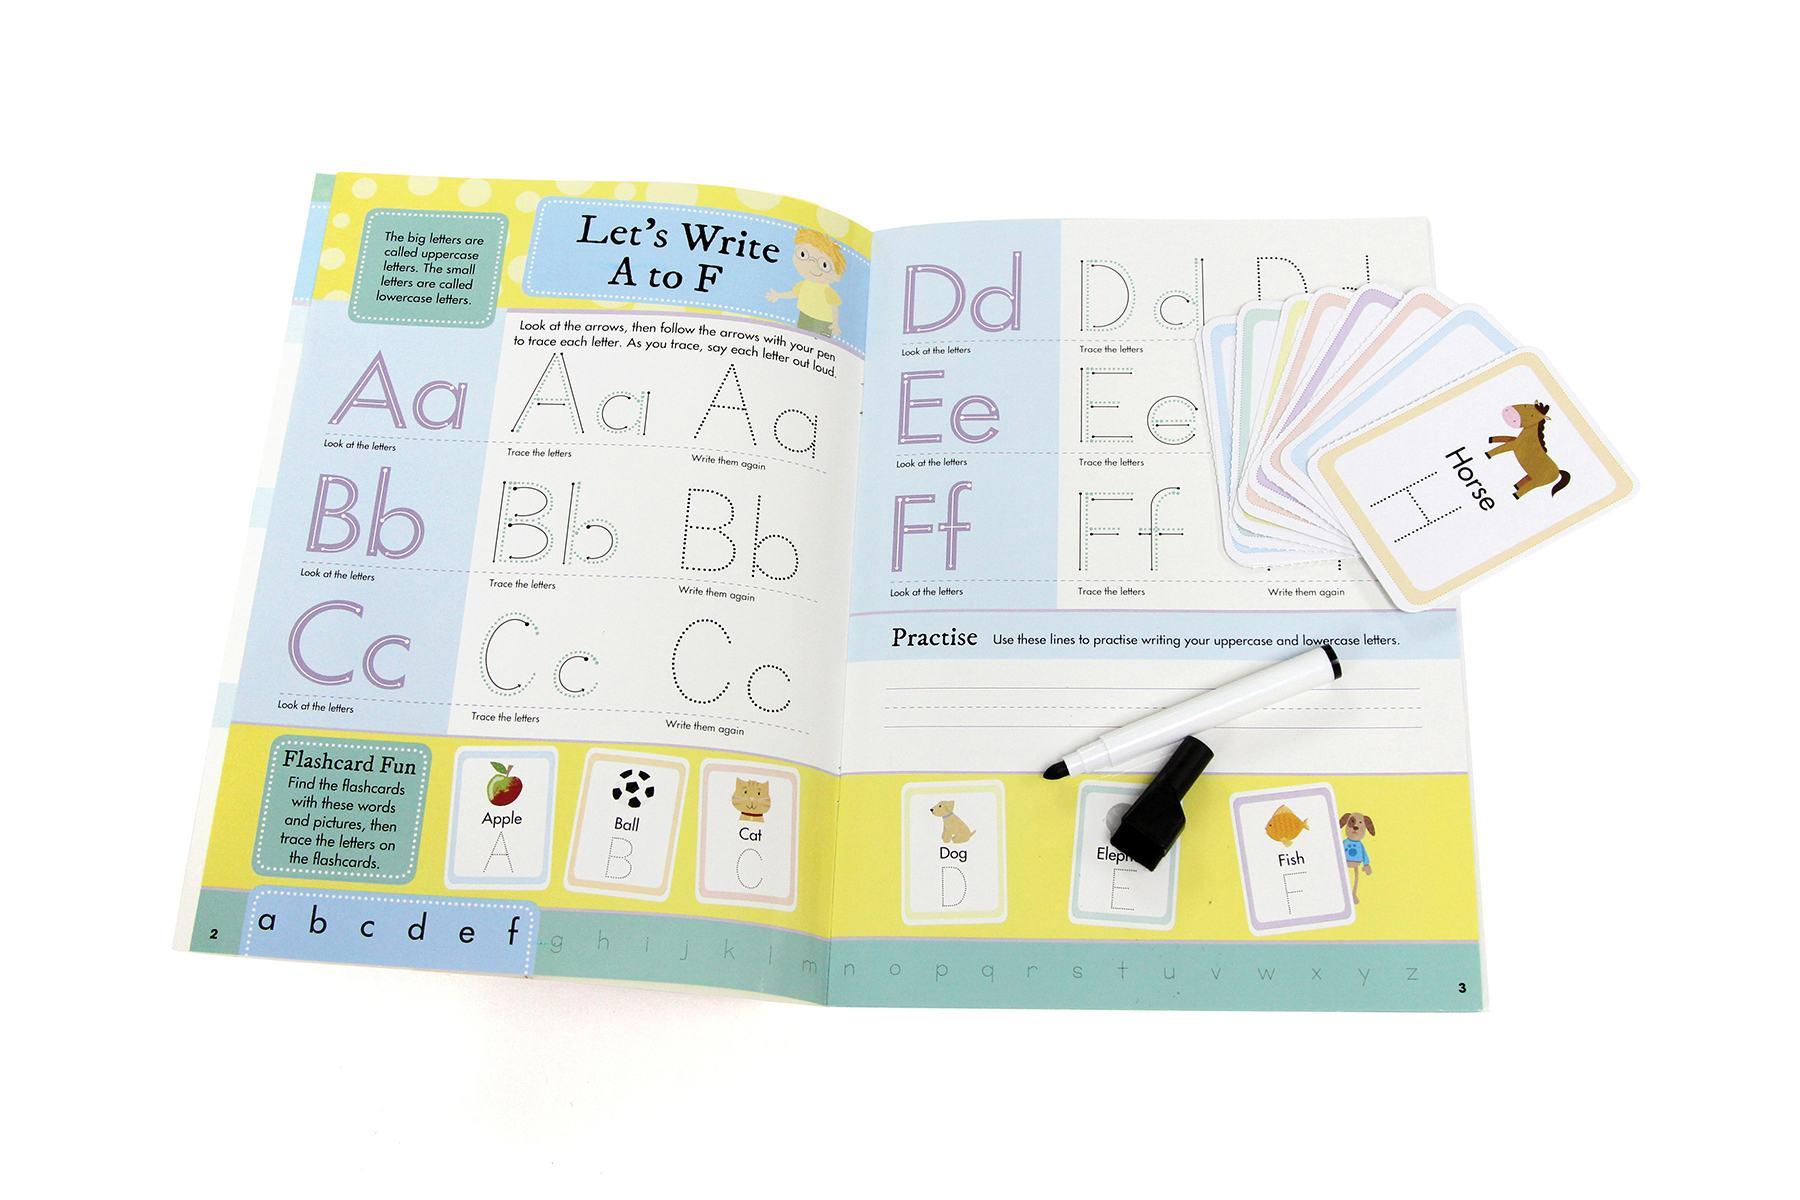 Vorschule Kinder Kids Children Preschool Buch Lernbuch Book Lesen Schreiben reading writing Schulbuch